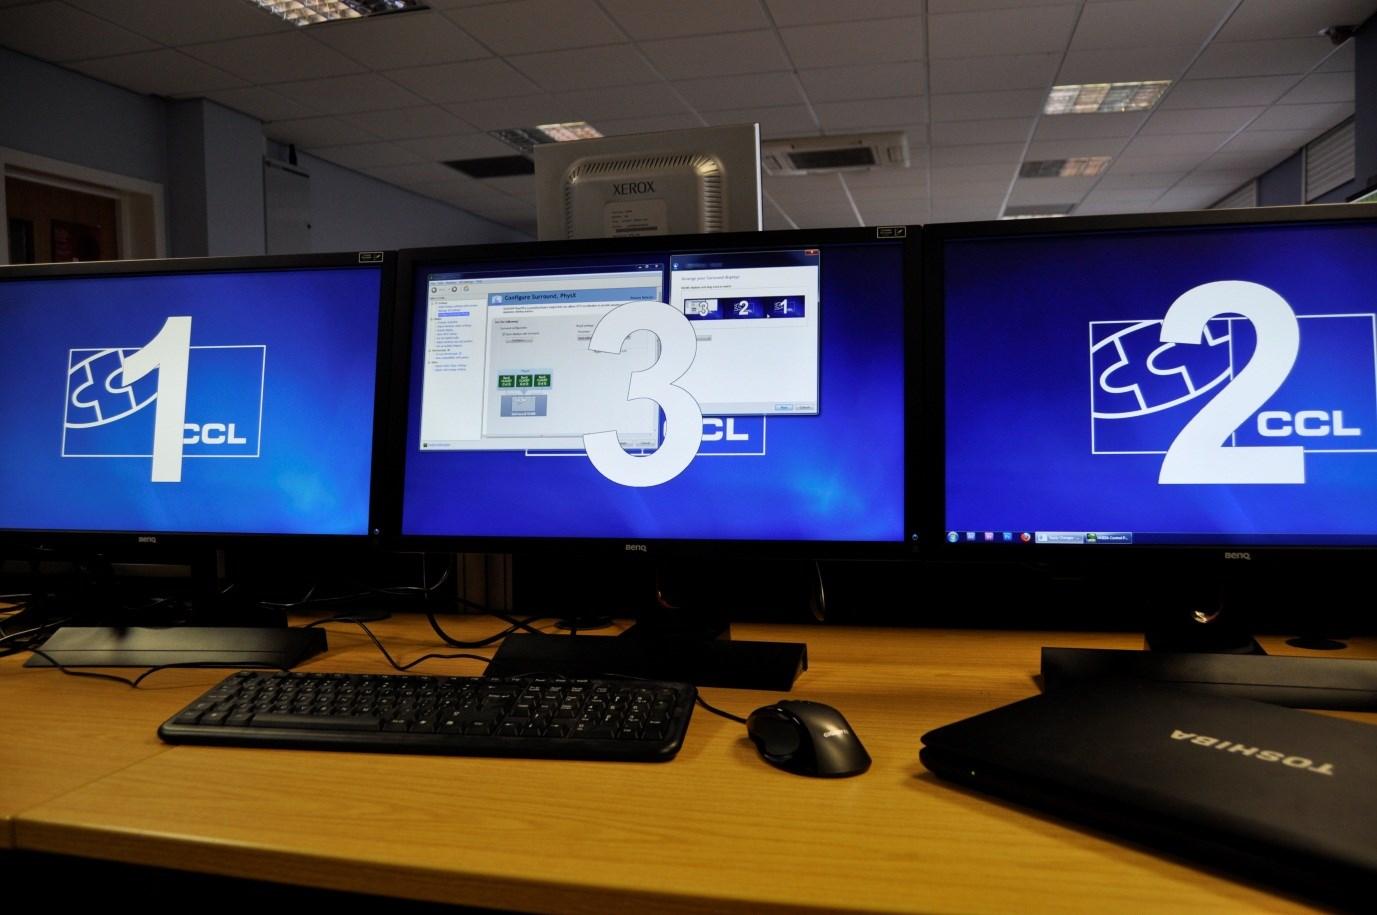 Configuring Multiple Monitors Nvidia Surround Single Gpu